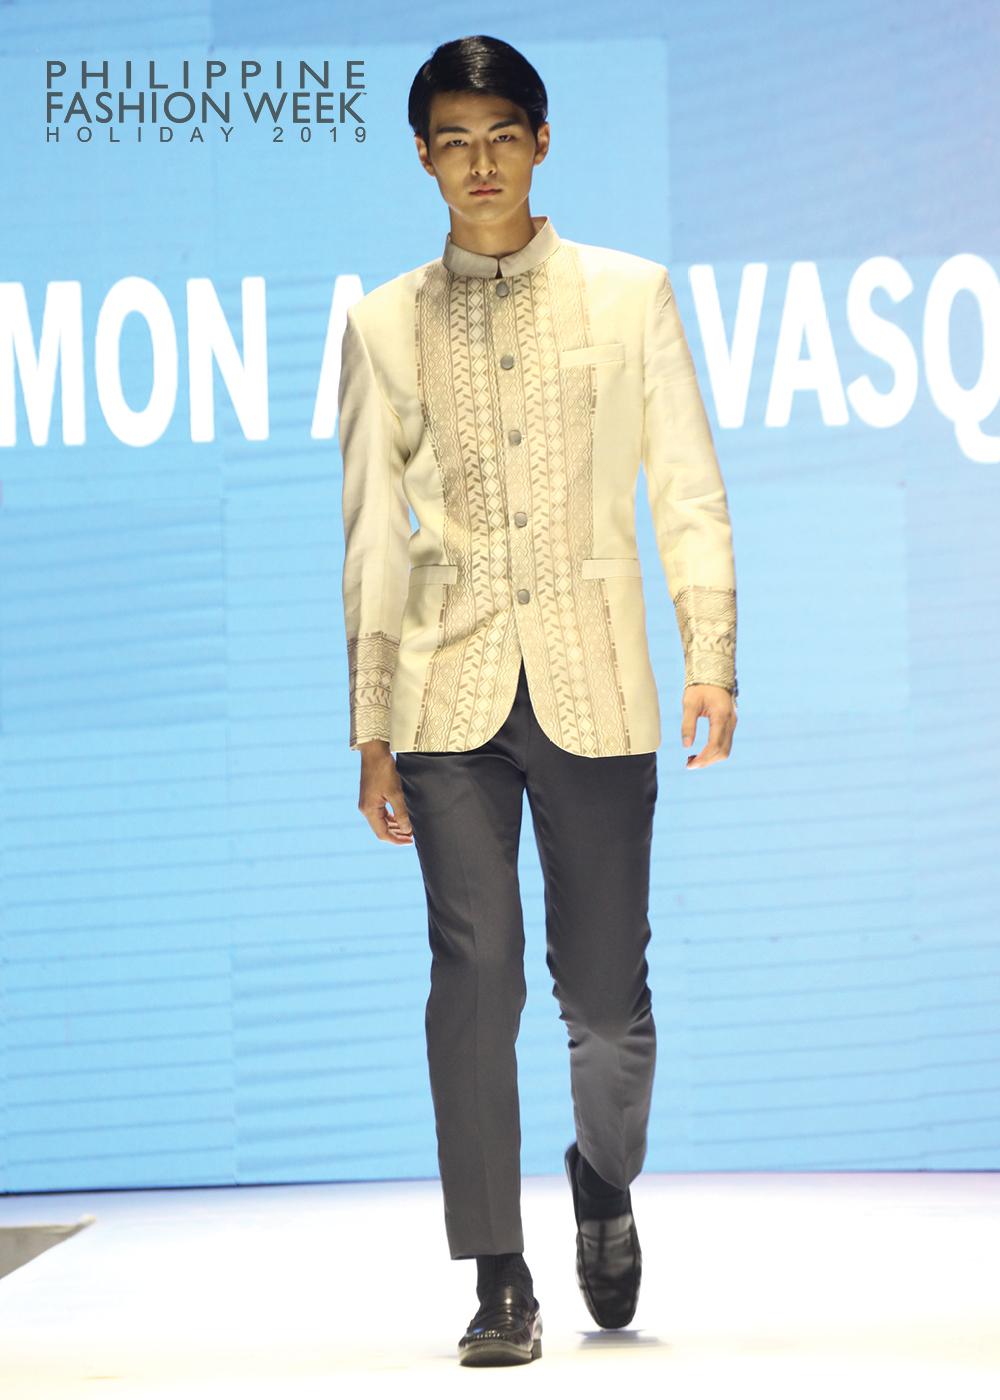 Simon Ariel Vasquez.jpg